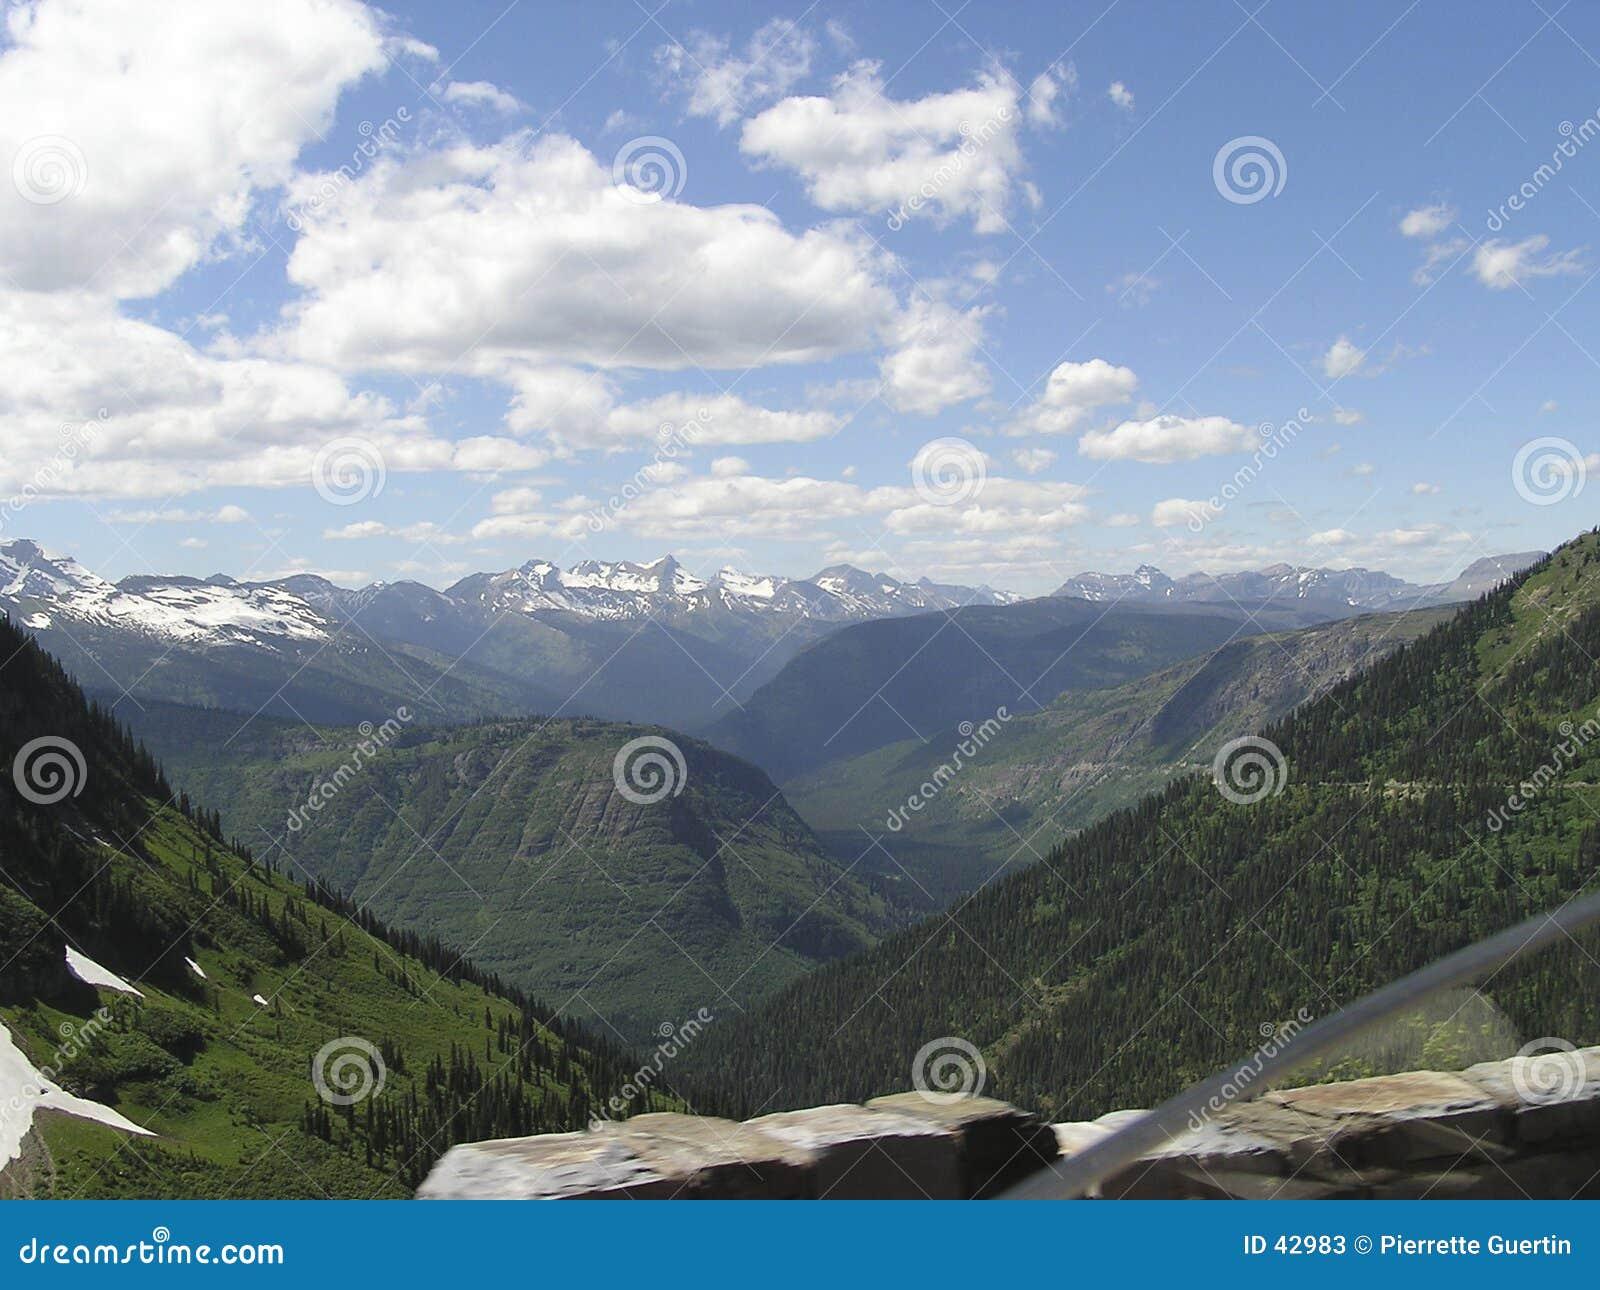 glaciers peaks